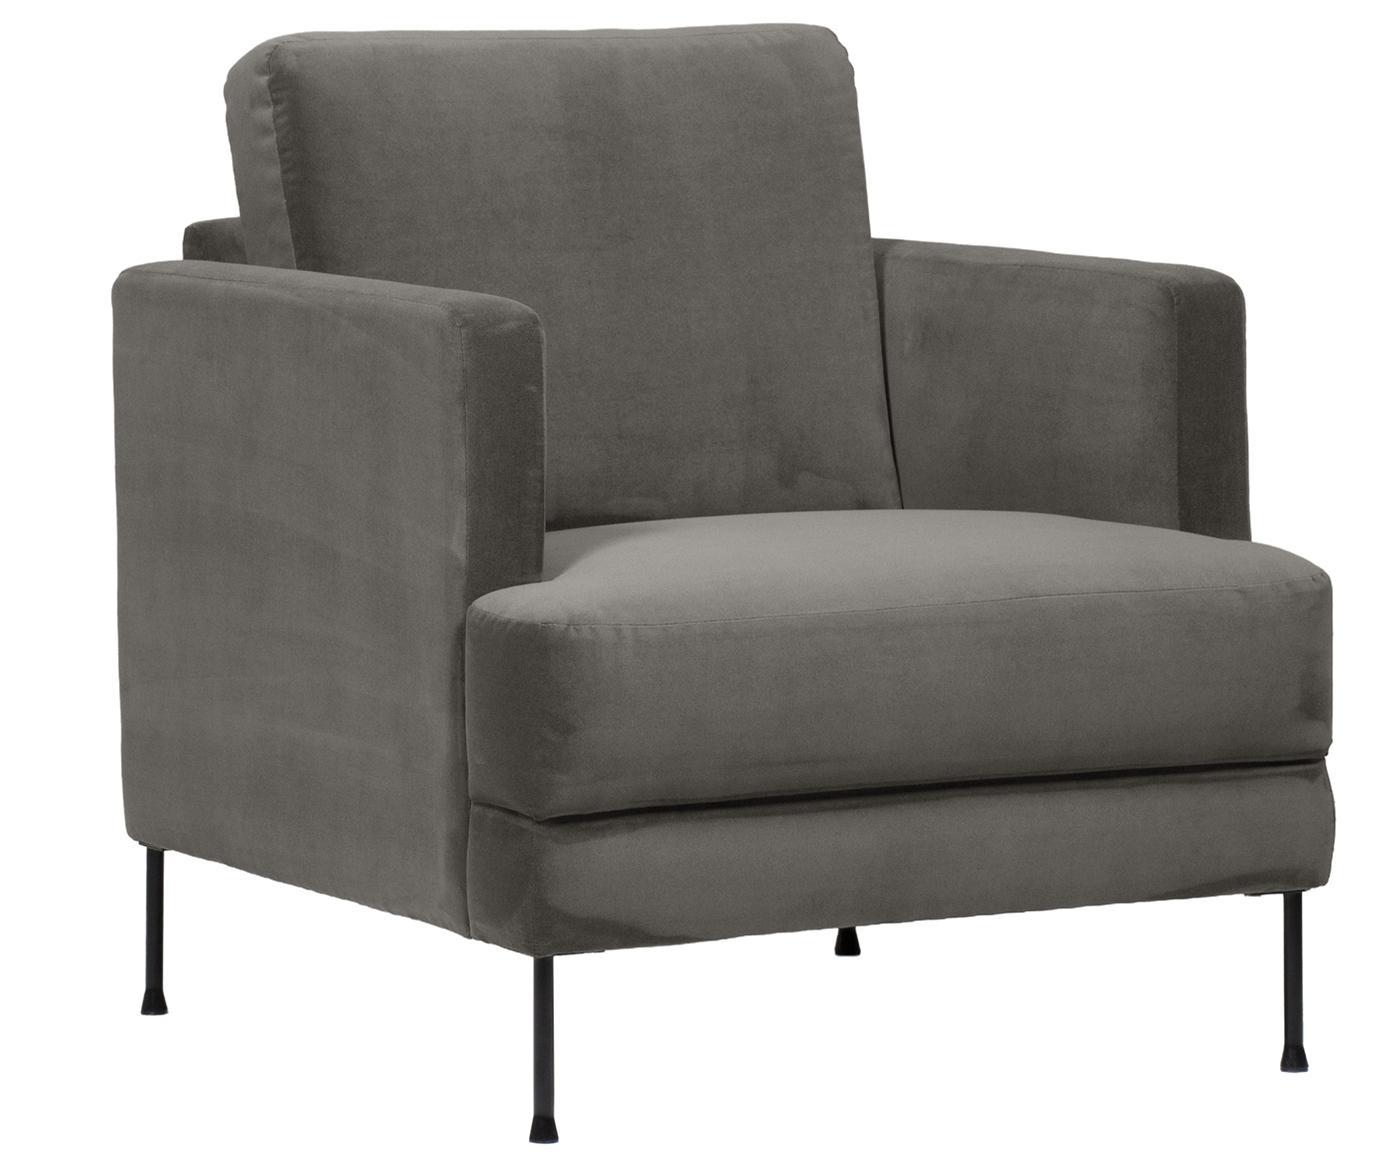 Fotel z aksamitu Fluente, Tapicerka: aksamit (wysokiej jakości, Stelaż: lite drewno sosnowe, Nogi: metal lakierowany, Szarobrązowy aksamit, S 76 x G 83 cm